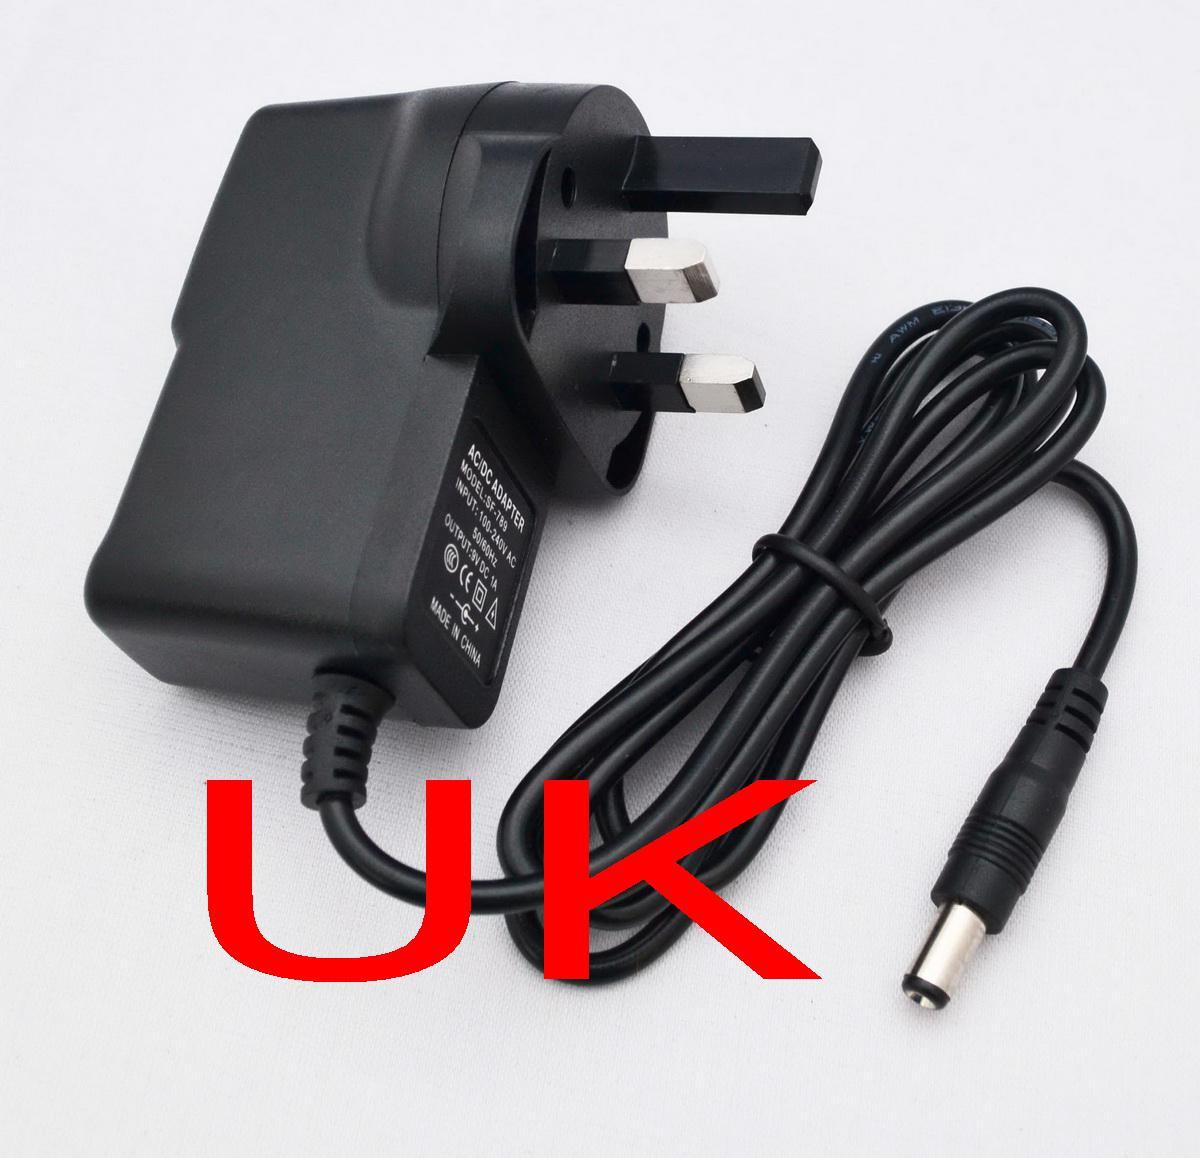 UK Plug AC 100-240V Converter Adapter DC 12V 1A / 9V 1A / 5V 2A / 12V 500mA Strömförsörjning Ny